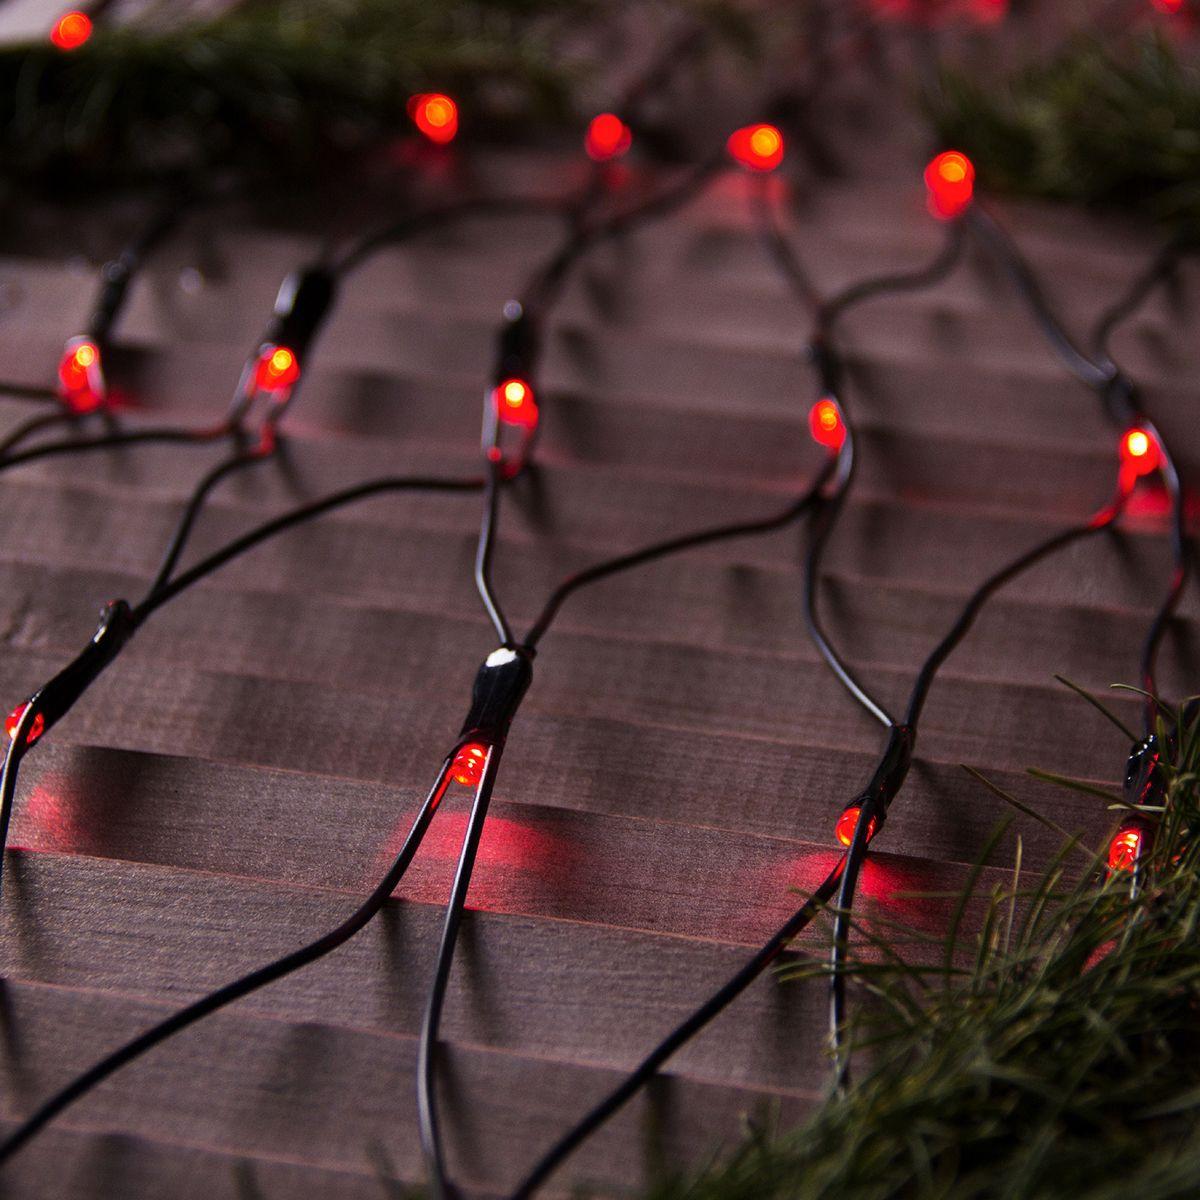 цена на Гирлянда уличная Luazon Lighting Сеть, УМС, нить темная, цвет: красный, 192 LED, 2 х 1,5 м